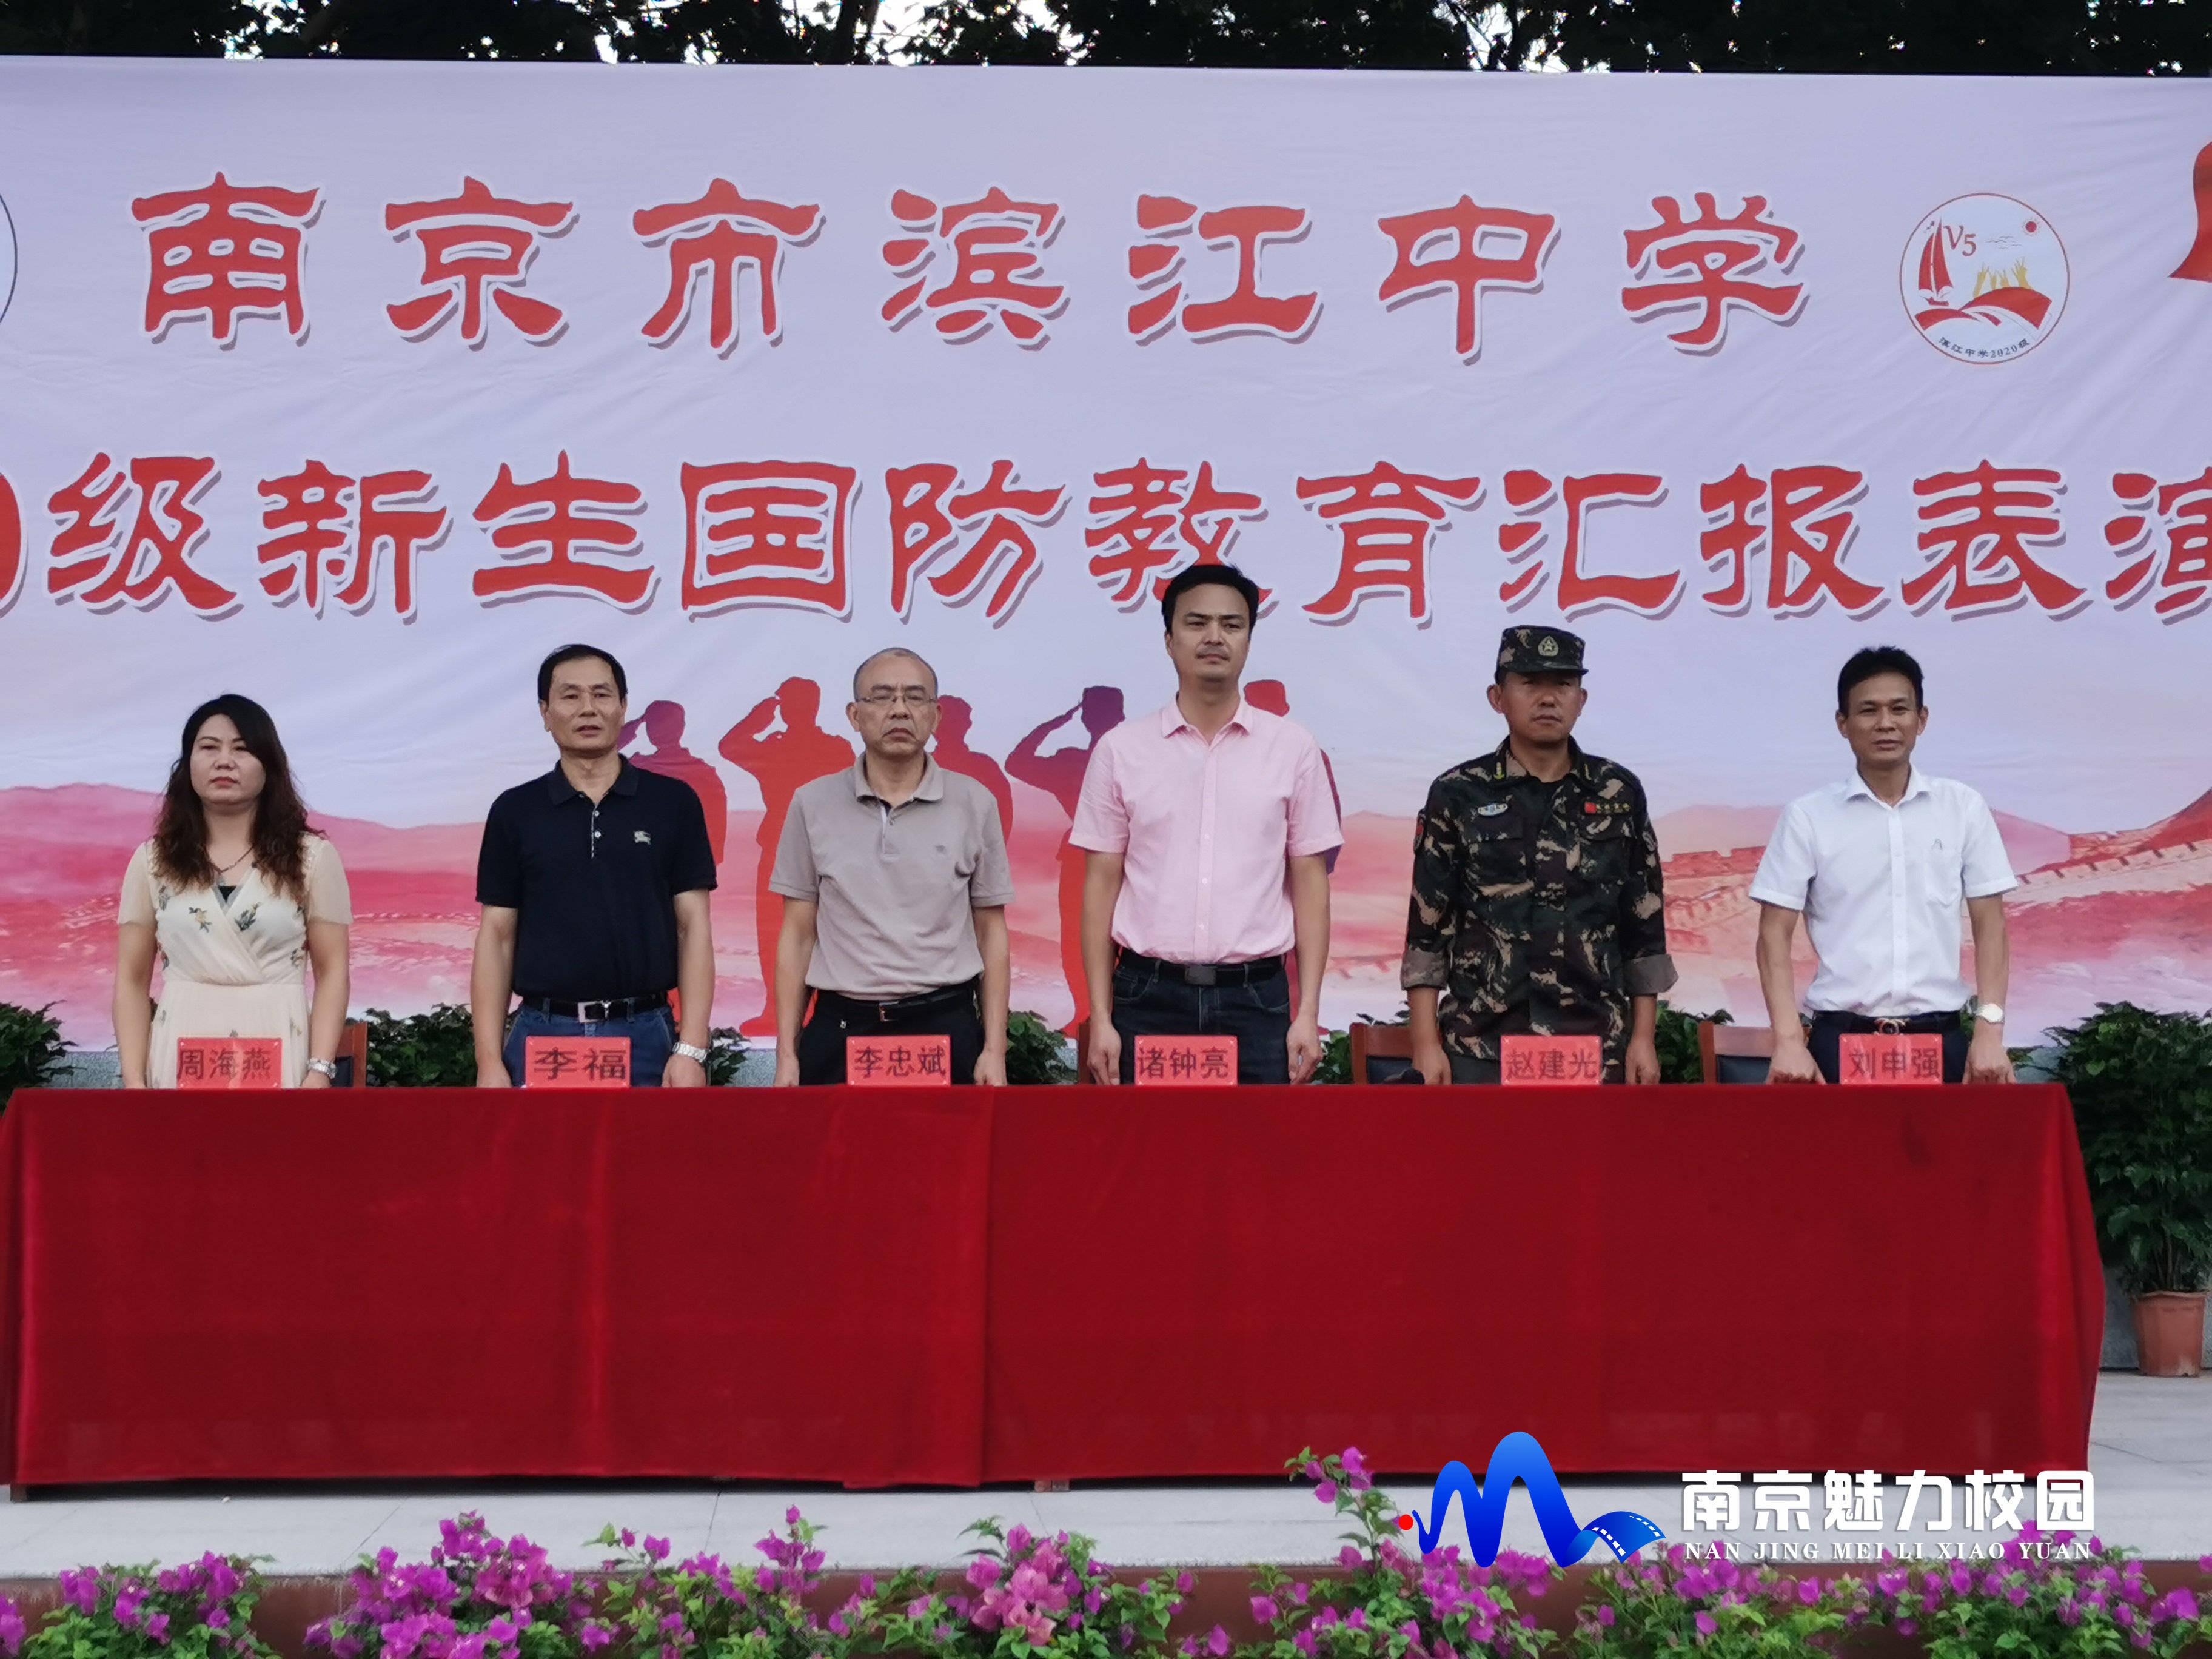 级新生|动态丨南京市滨江中学:2020级新生国防教育汇报表演仪式